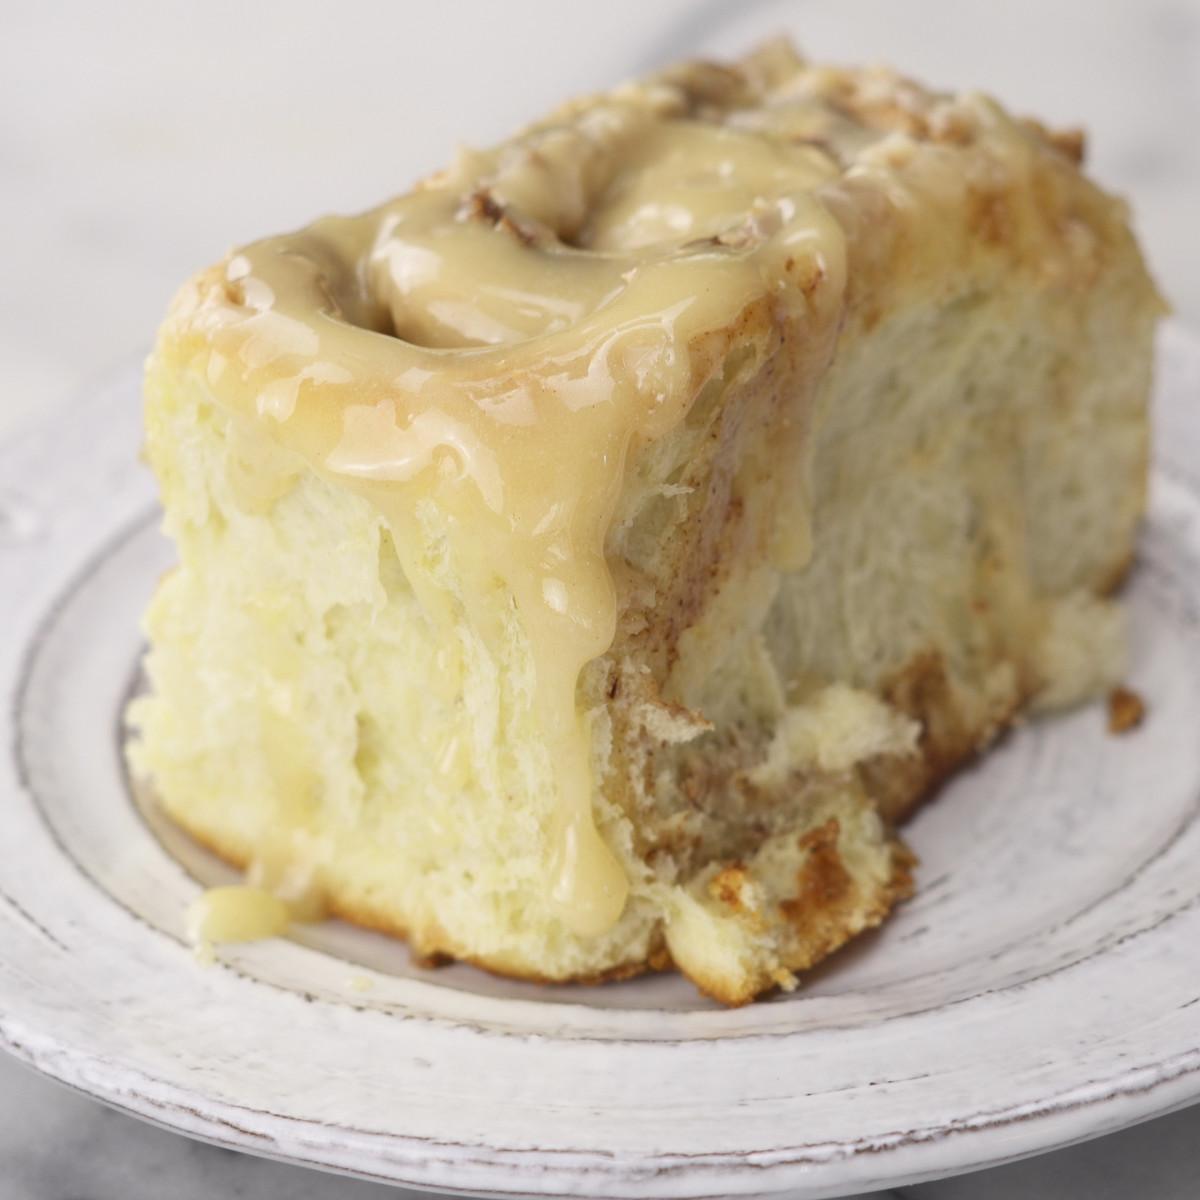 halva-buns-Side-still